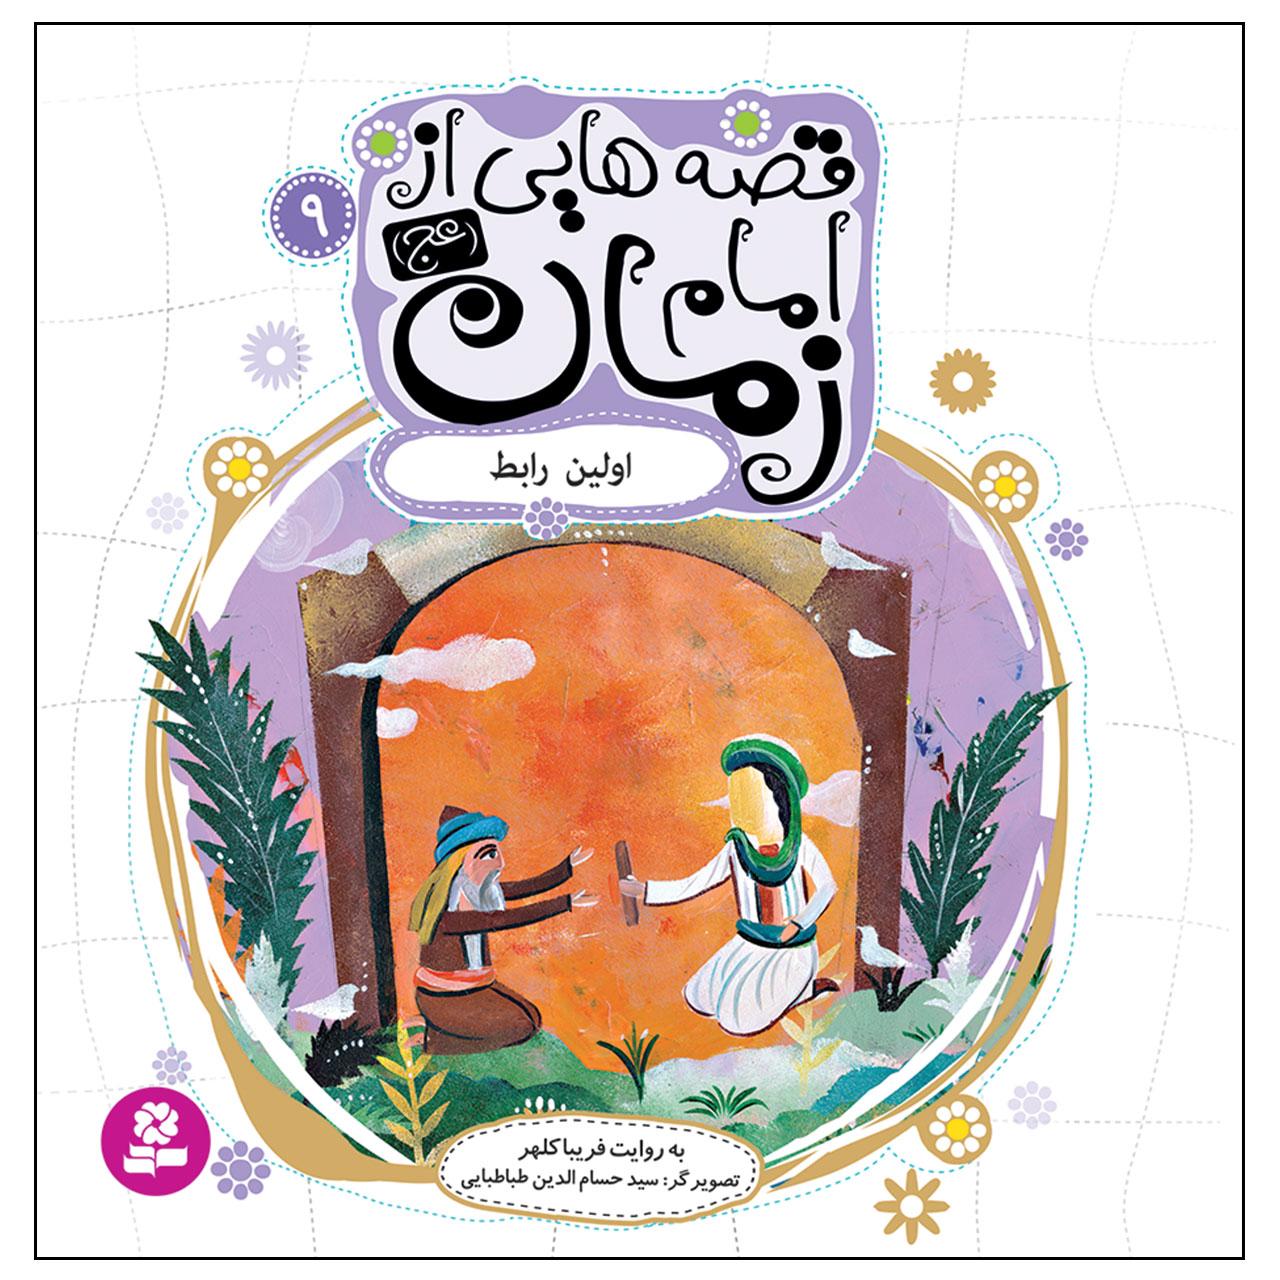 خرید                      کتاب قصه هایی از امام زمان (عج) 9 اولین رابط اثر فریبا کلهر انتشارات قدیانی